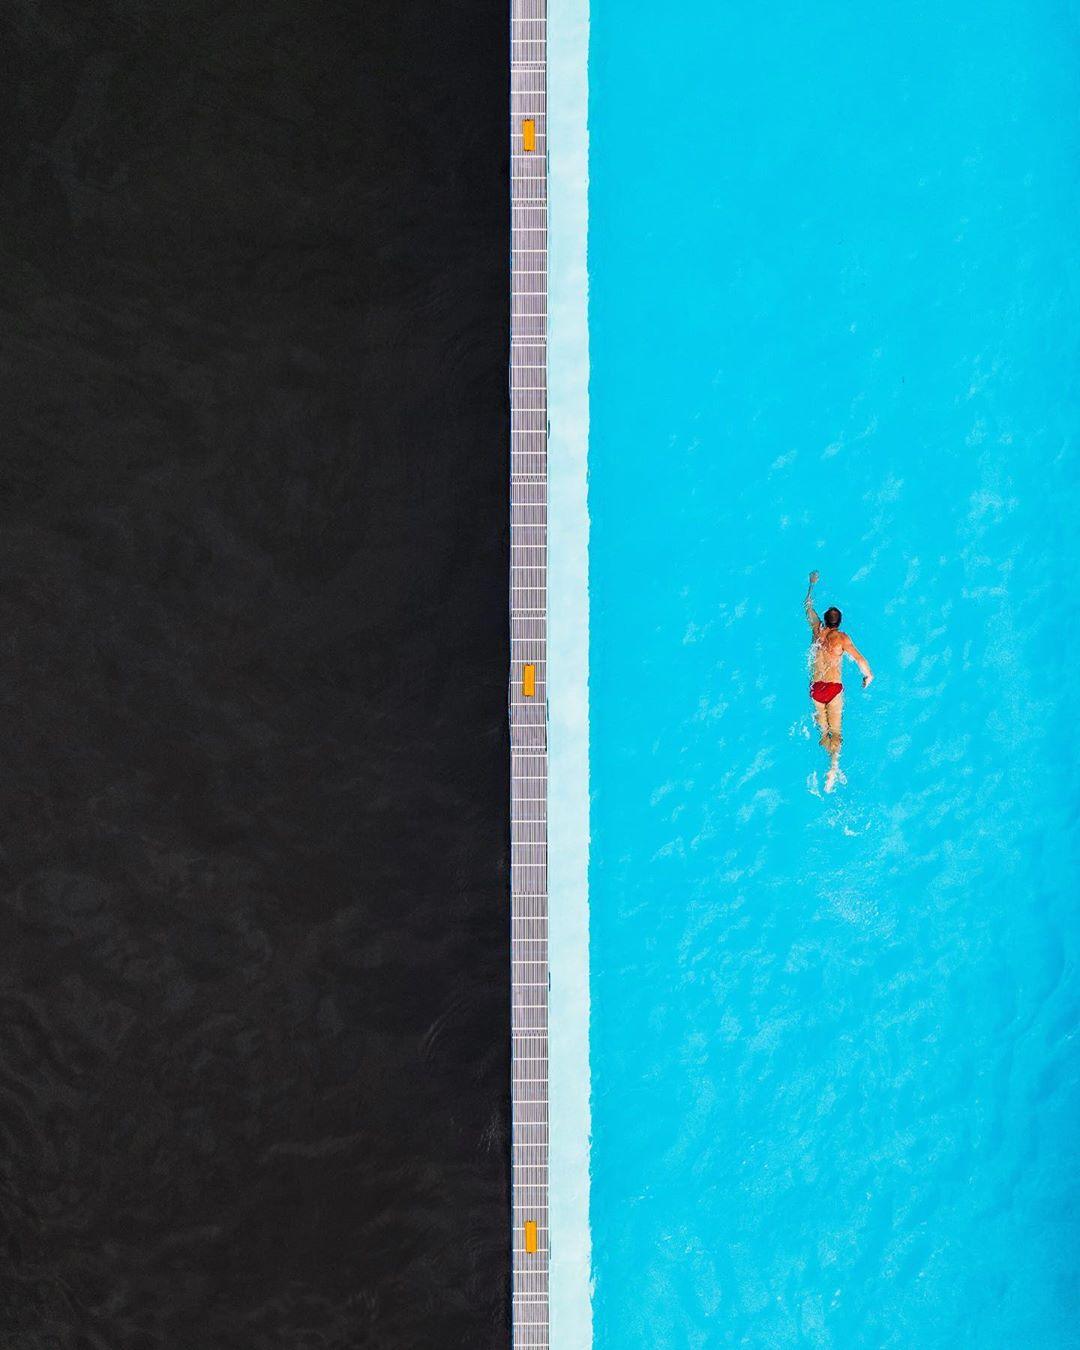 Впечатляющие аэрофото от братьев-фотографов из Великобритании